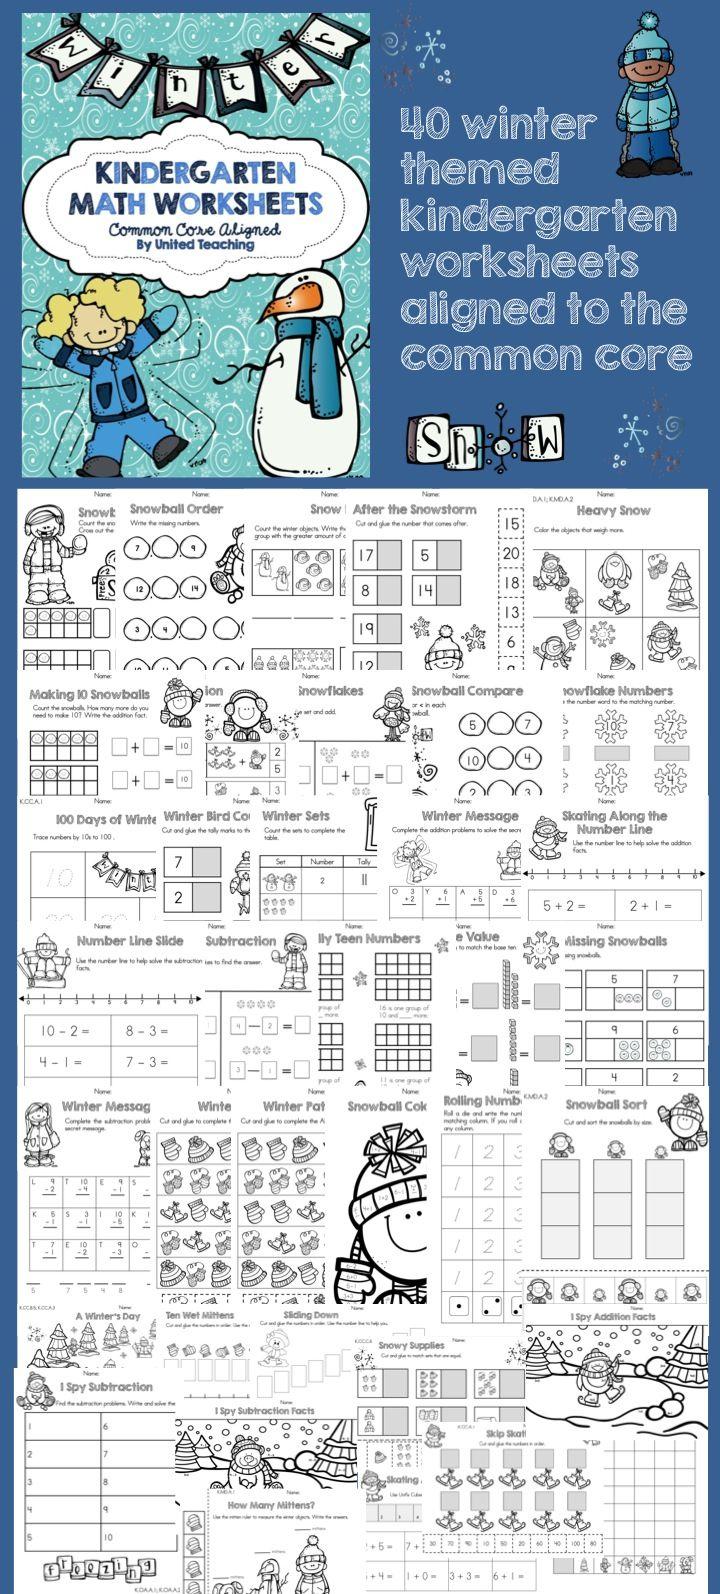 Kindergarten Calendar Time Common Core : Winter math worksheets new calendar template site